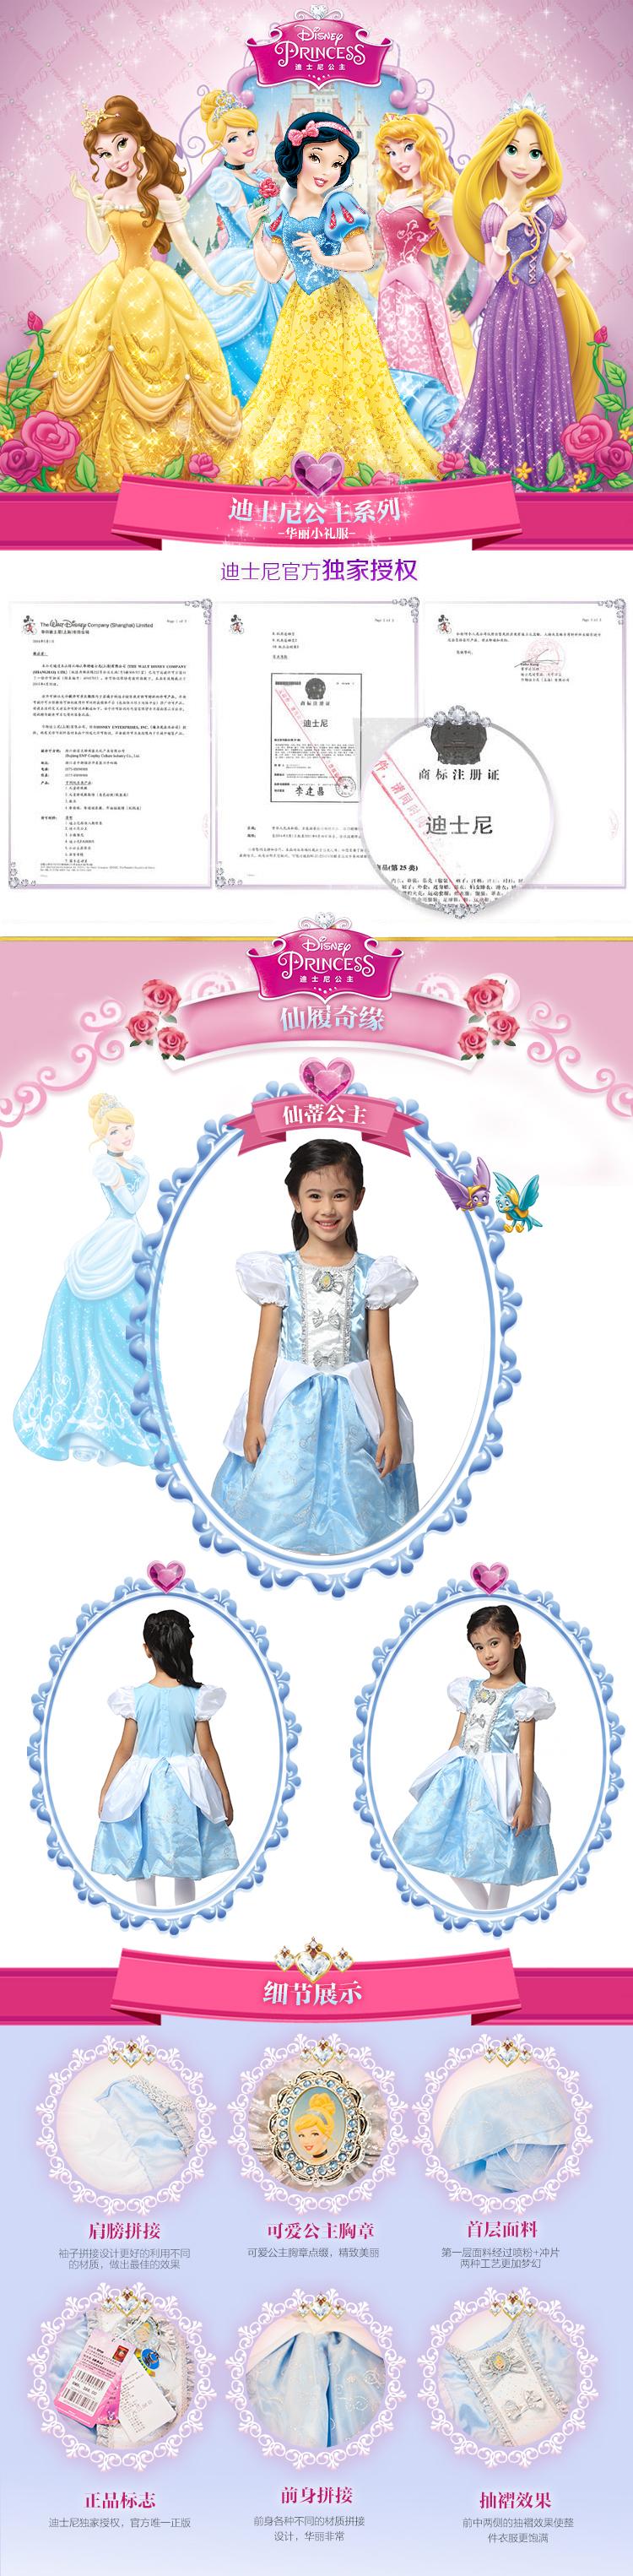 迪士尼 商品名称: 迪士尼气质灰姑娘公主裙 商品分类: 儿童连衣裙